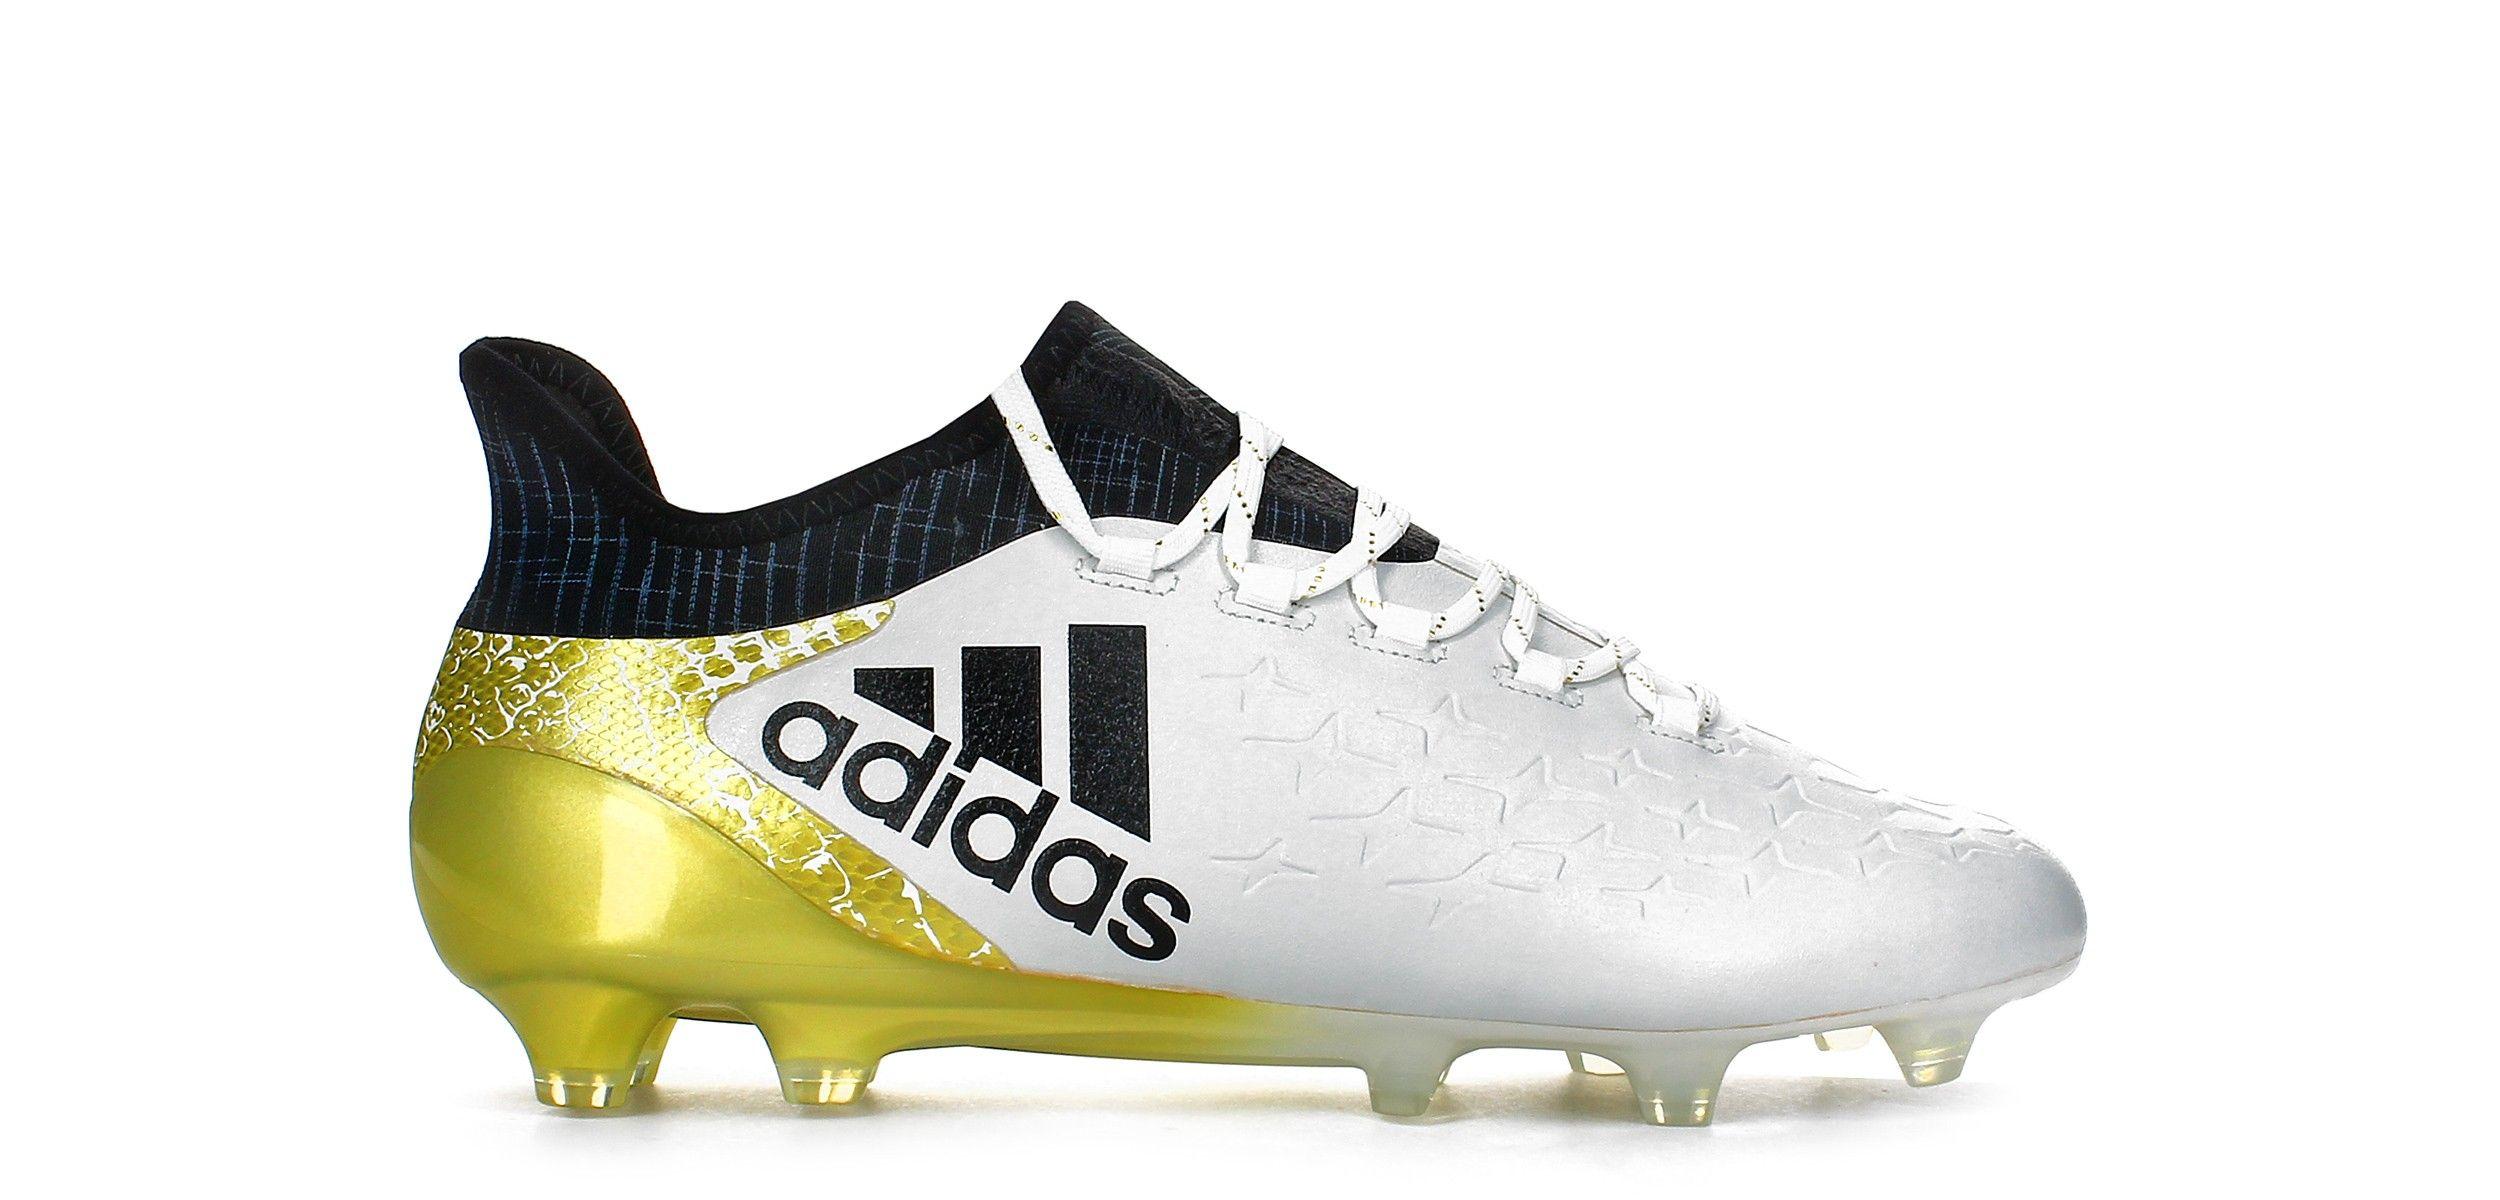 botas de fútbol adidas x 16.1 fg blanco  negro  dorado exterior pie